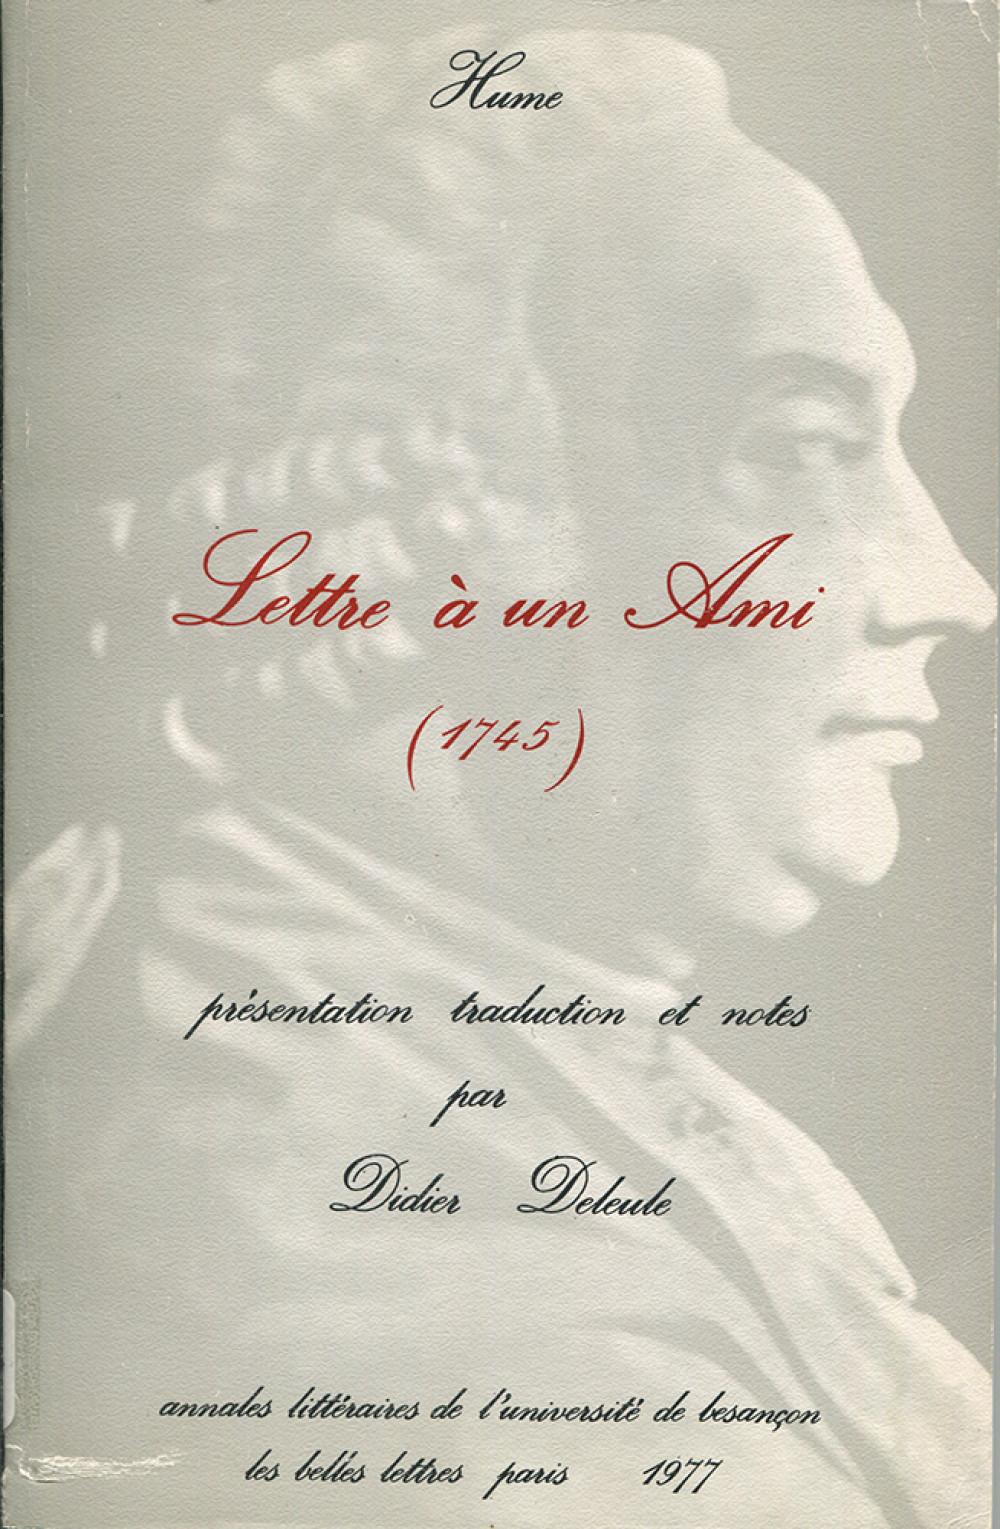 Hume. Lettre à un ami (1745)